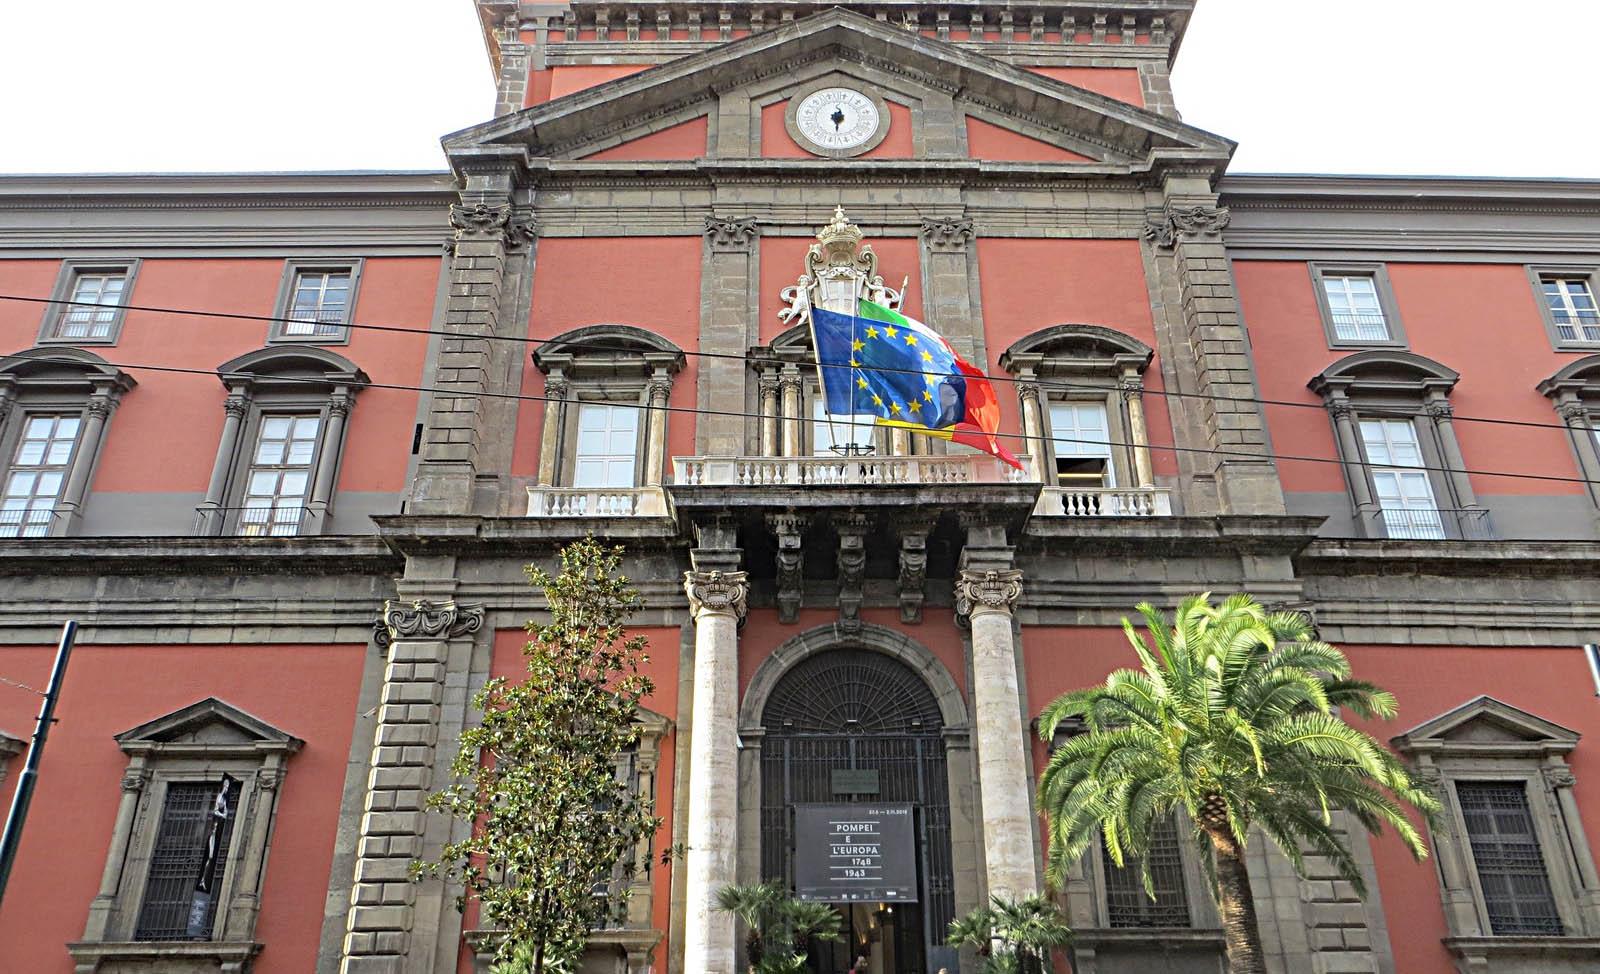 Dpcm del 16 gennaio: dopo due mesi riaprono i musei